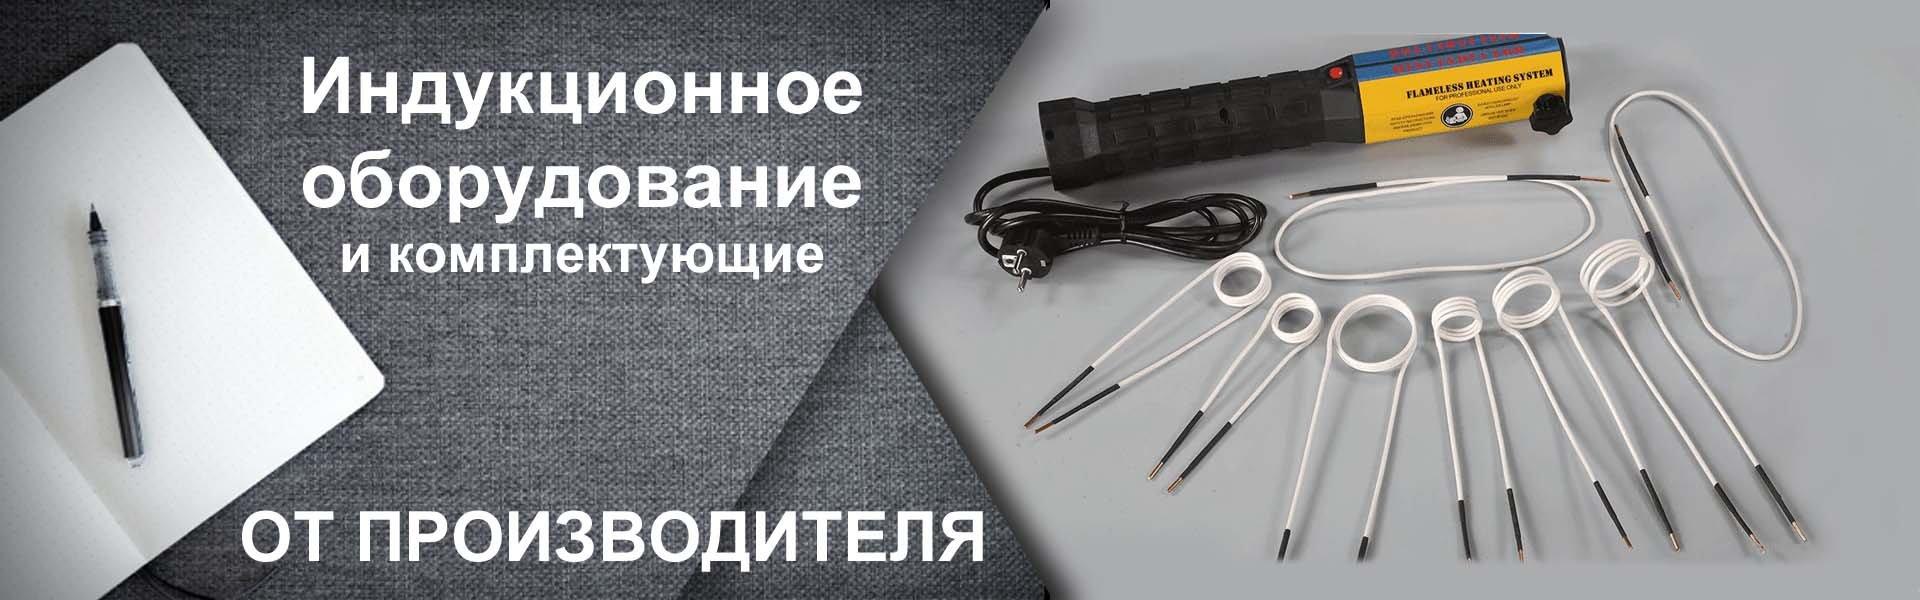 Безрученко И.А. ФЛП